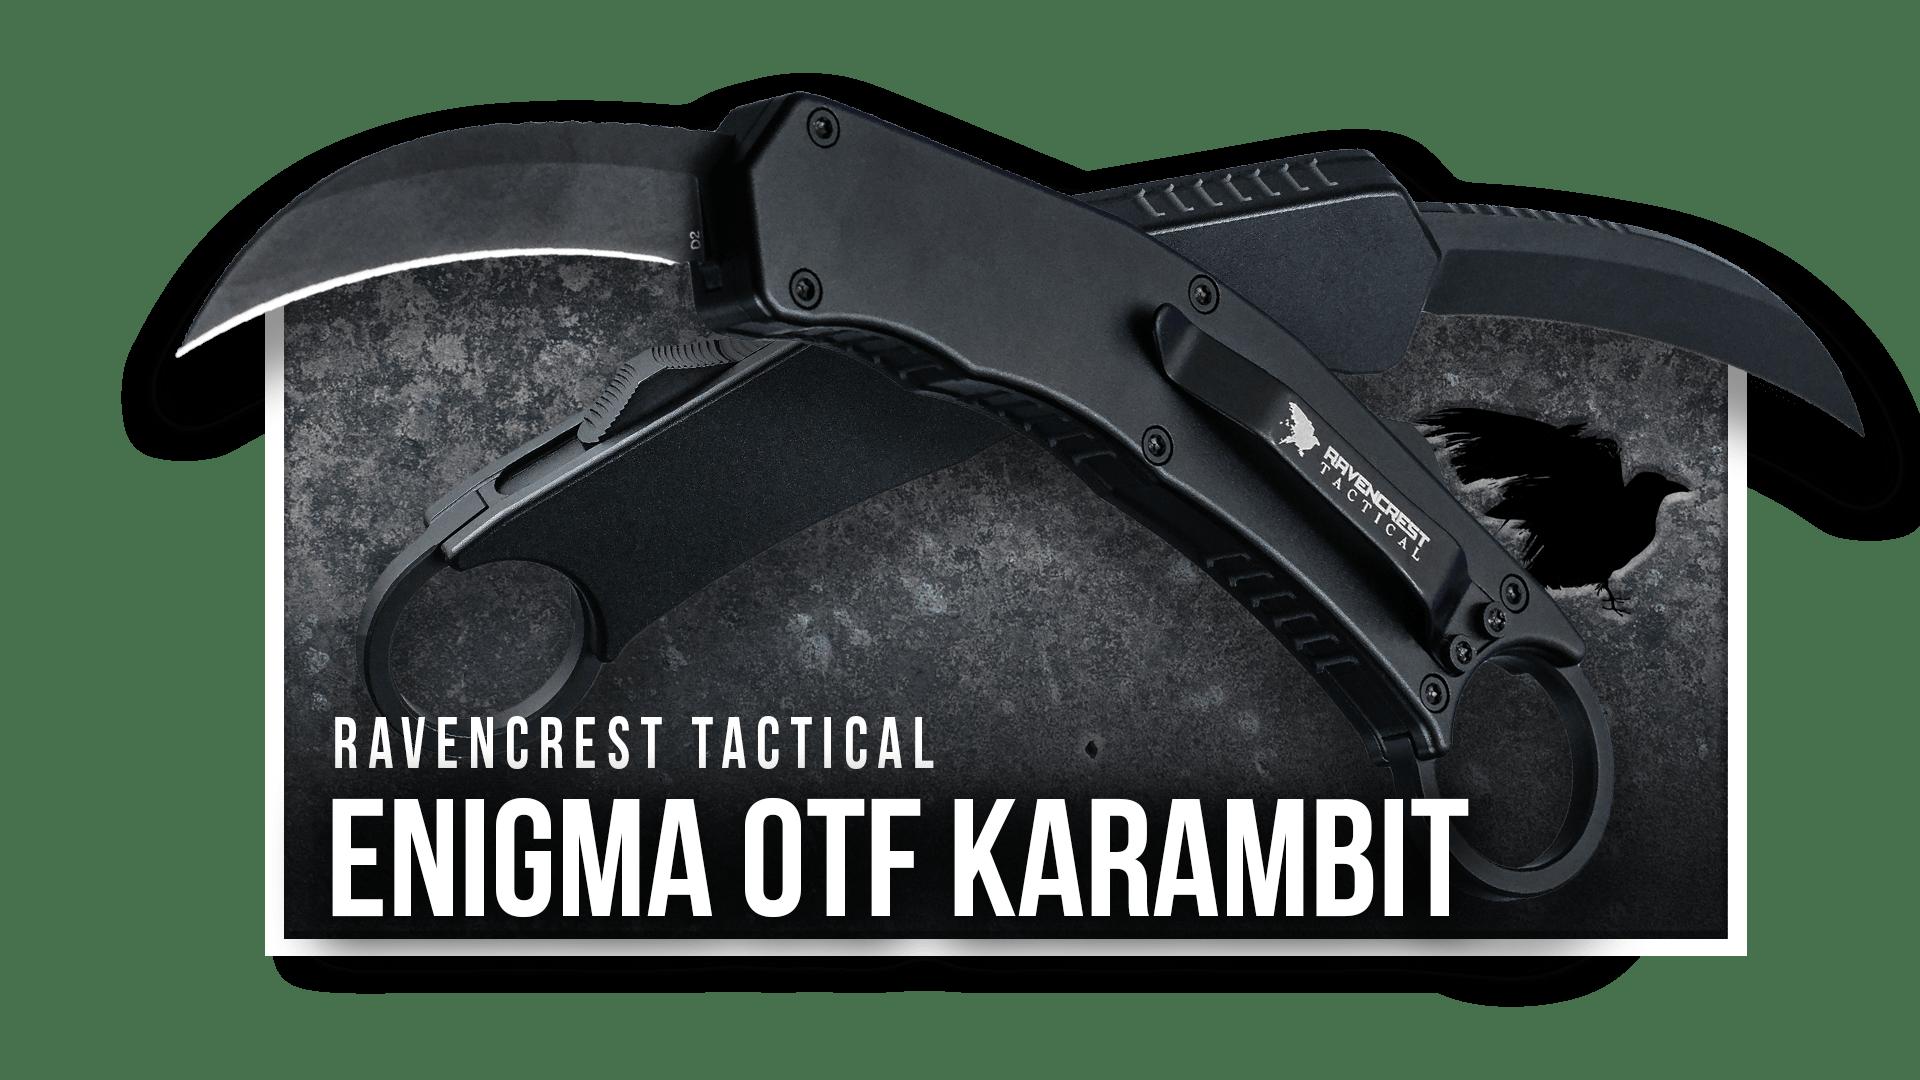 OTF Knife - Enigma - RavenCrest Tactical